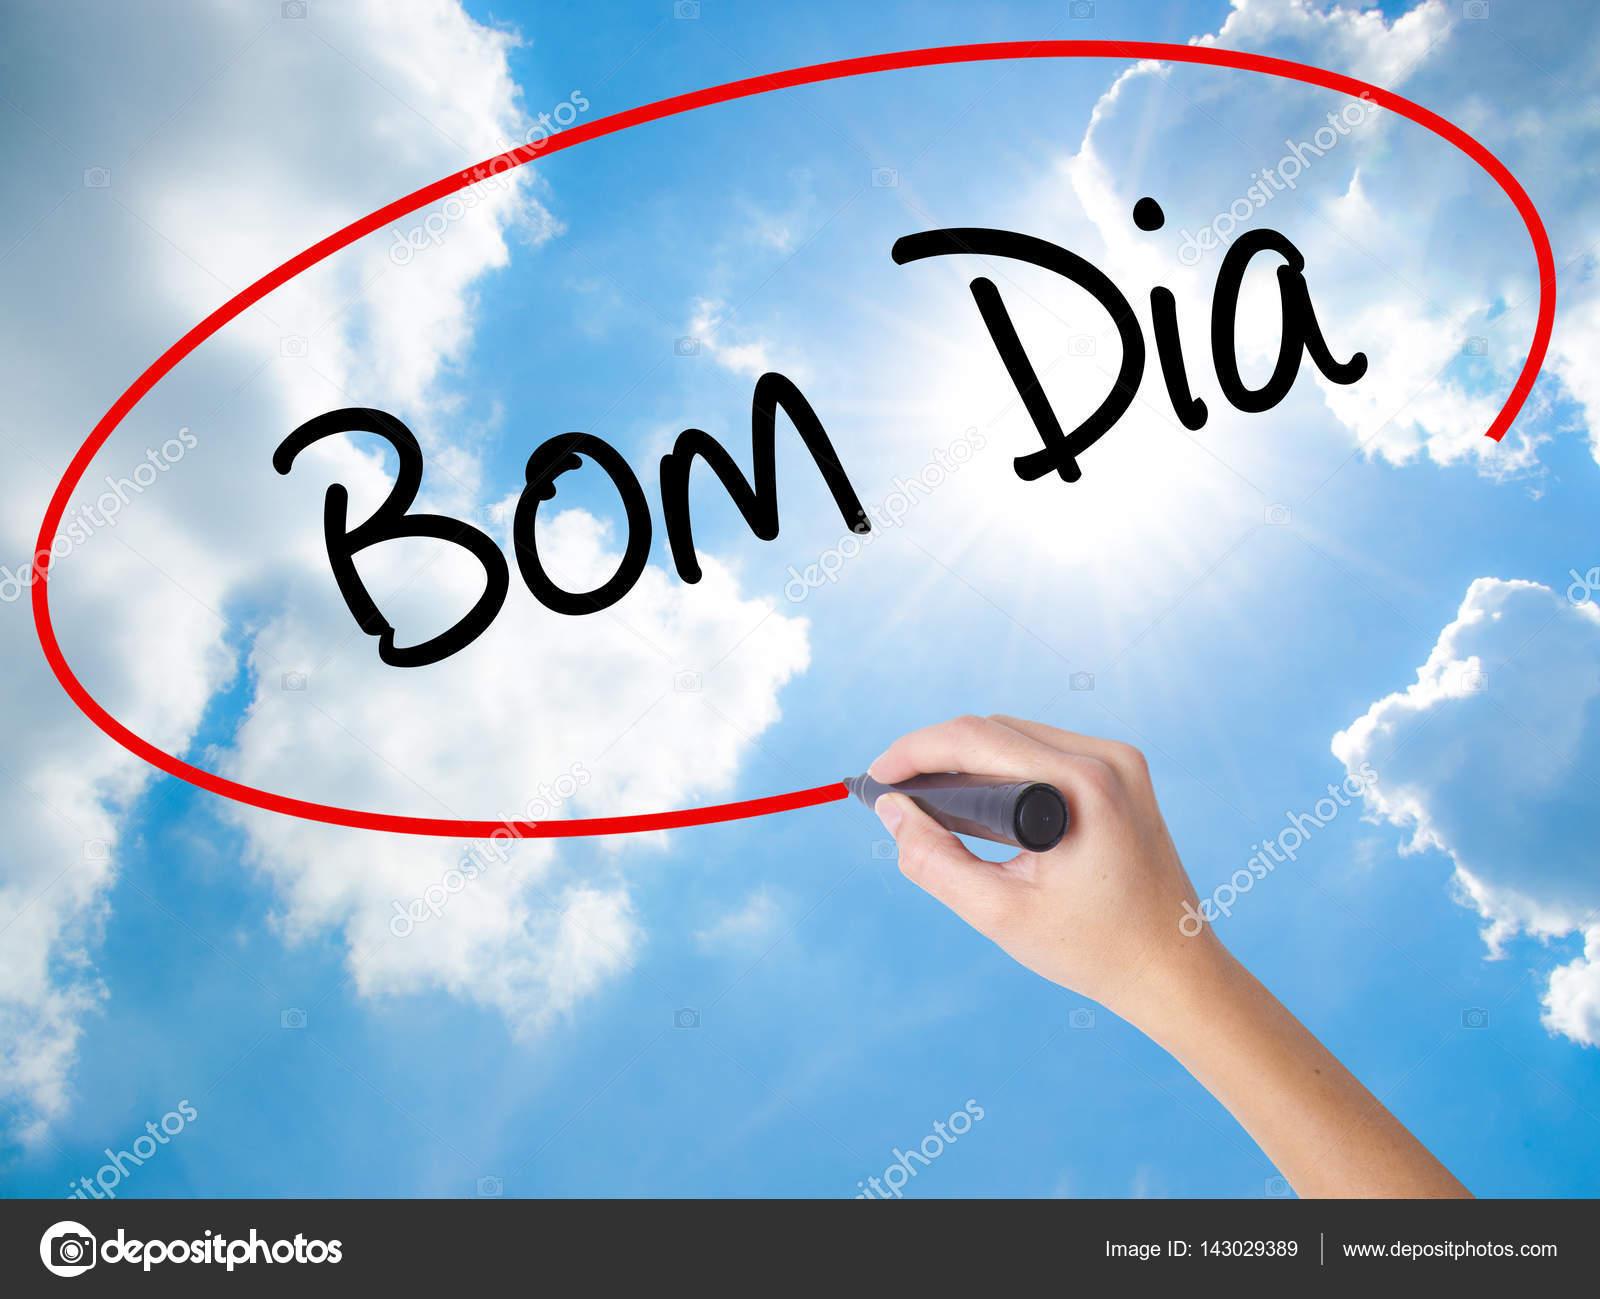 Frau Handschrift Bom Dia Auf Portugiesisch Guten Mor